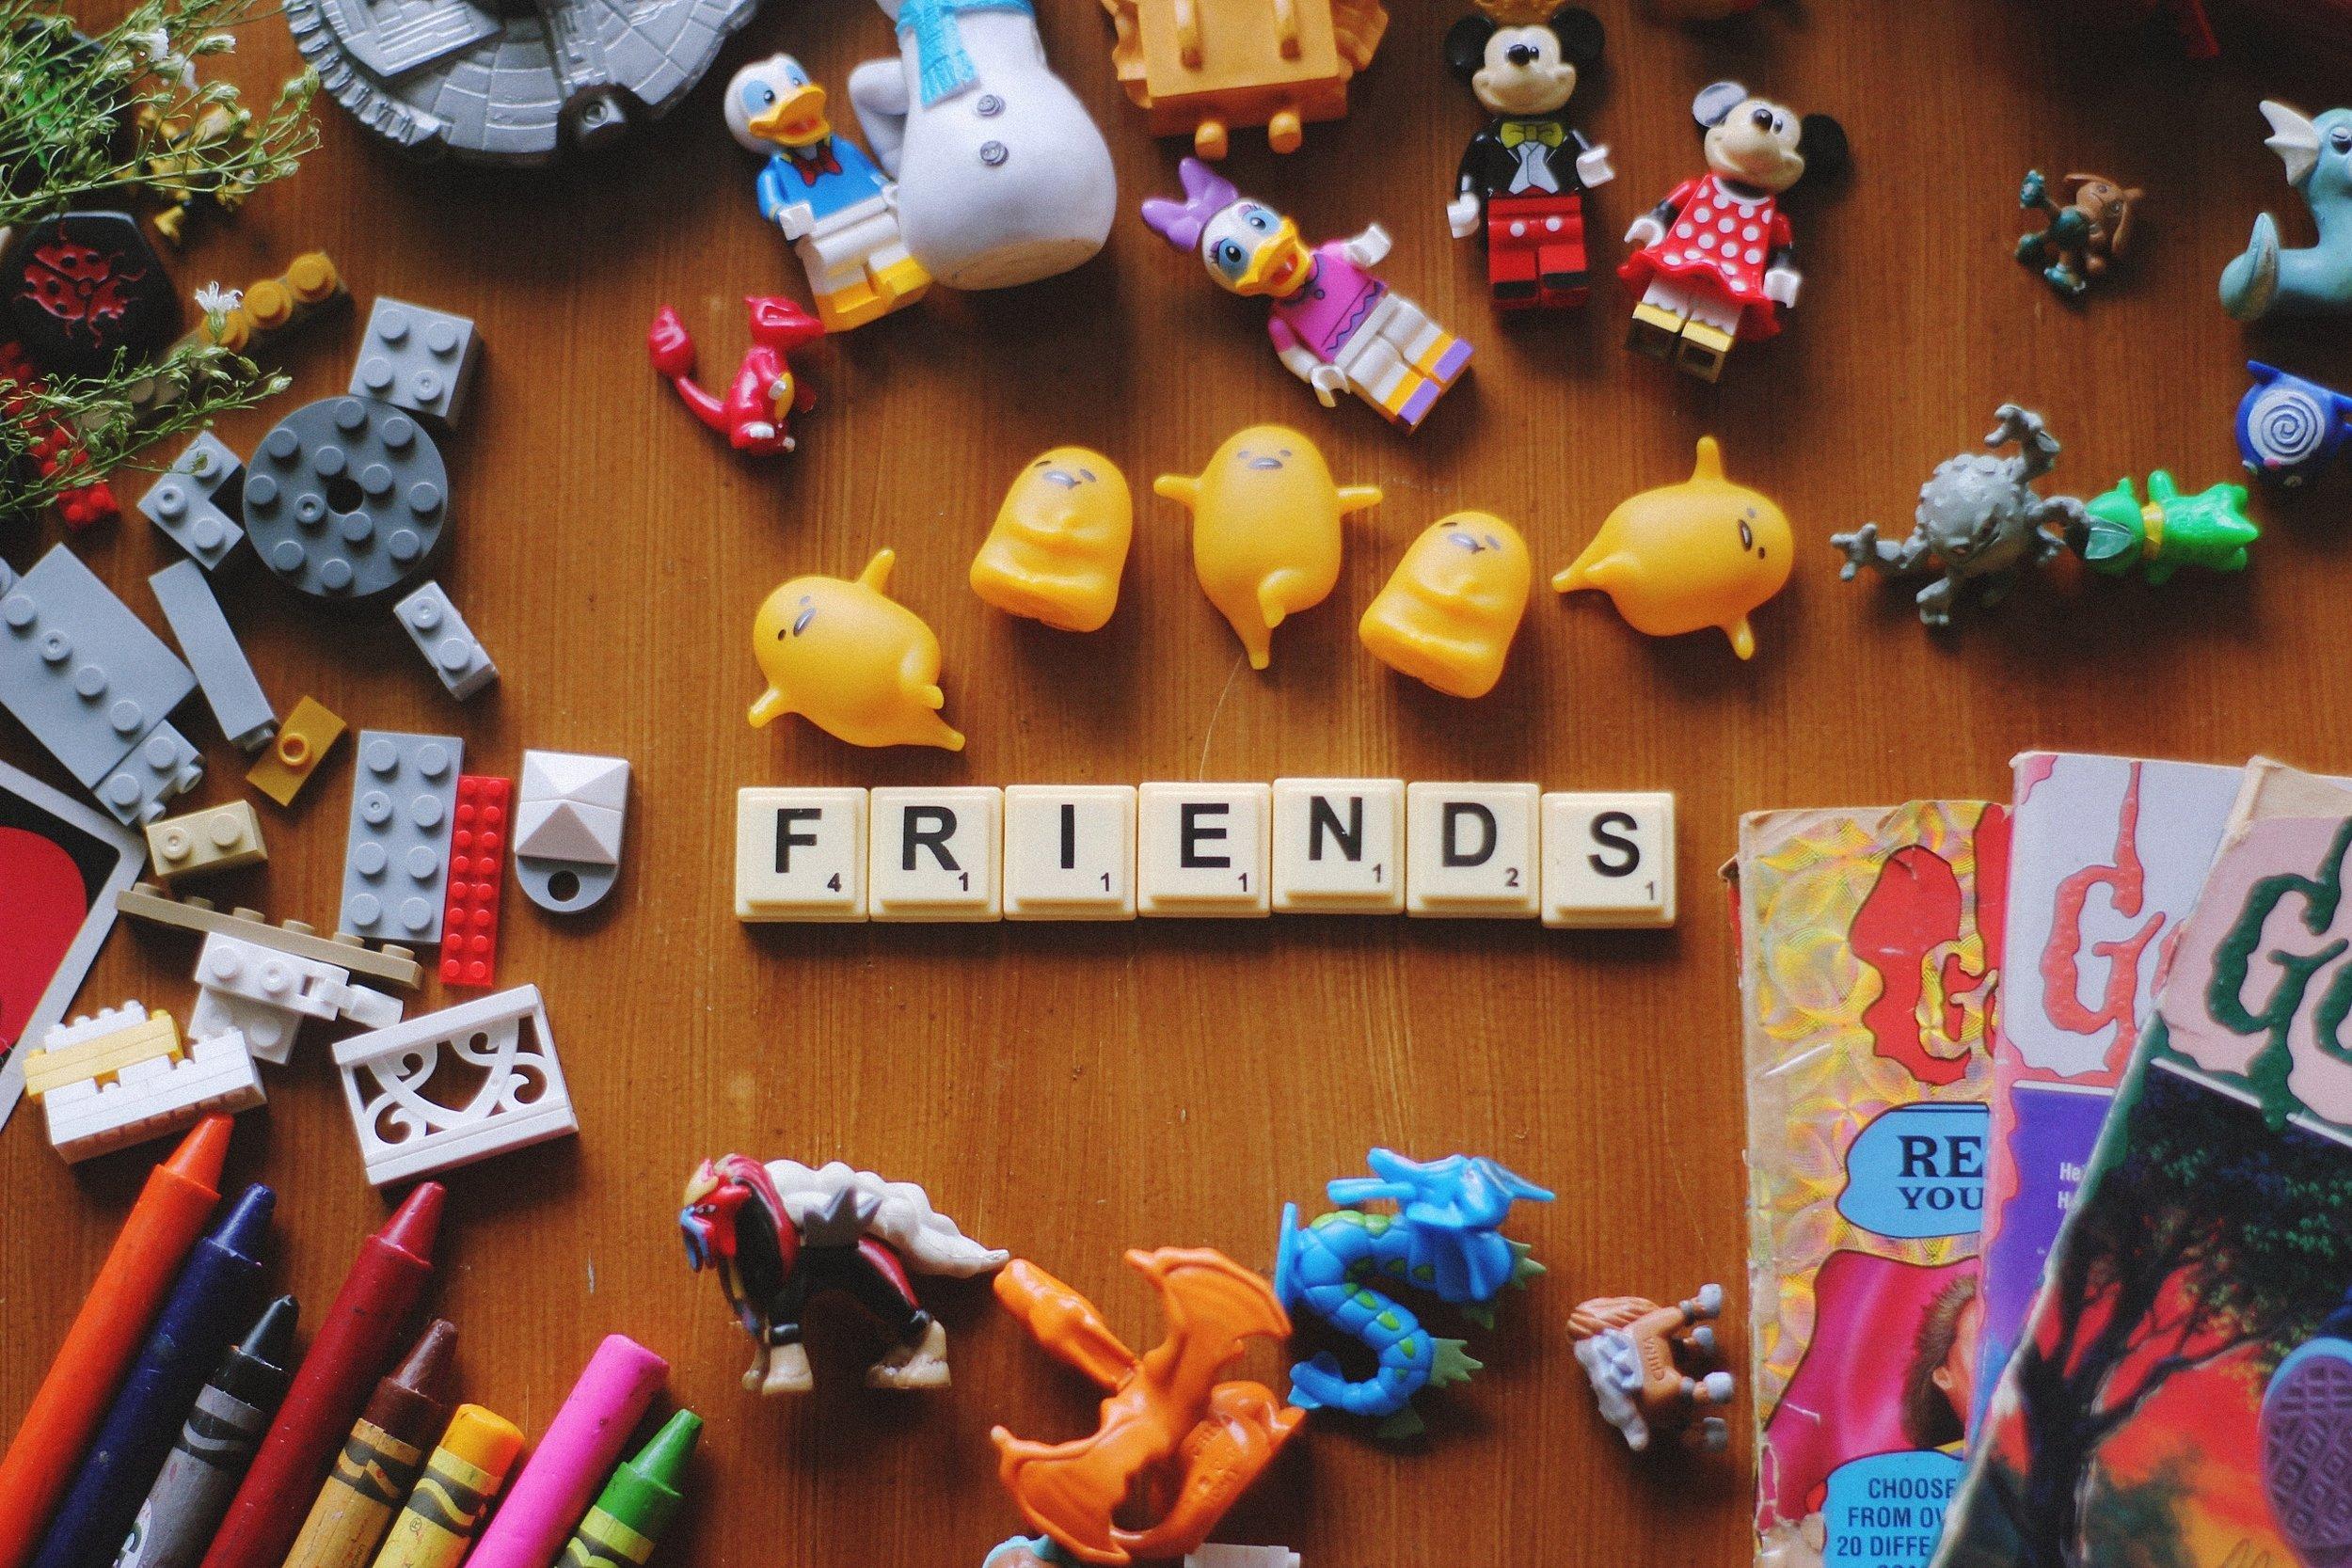 Friends Scrabble.jpg